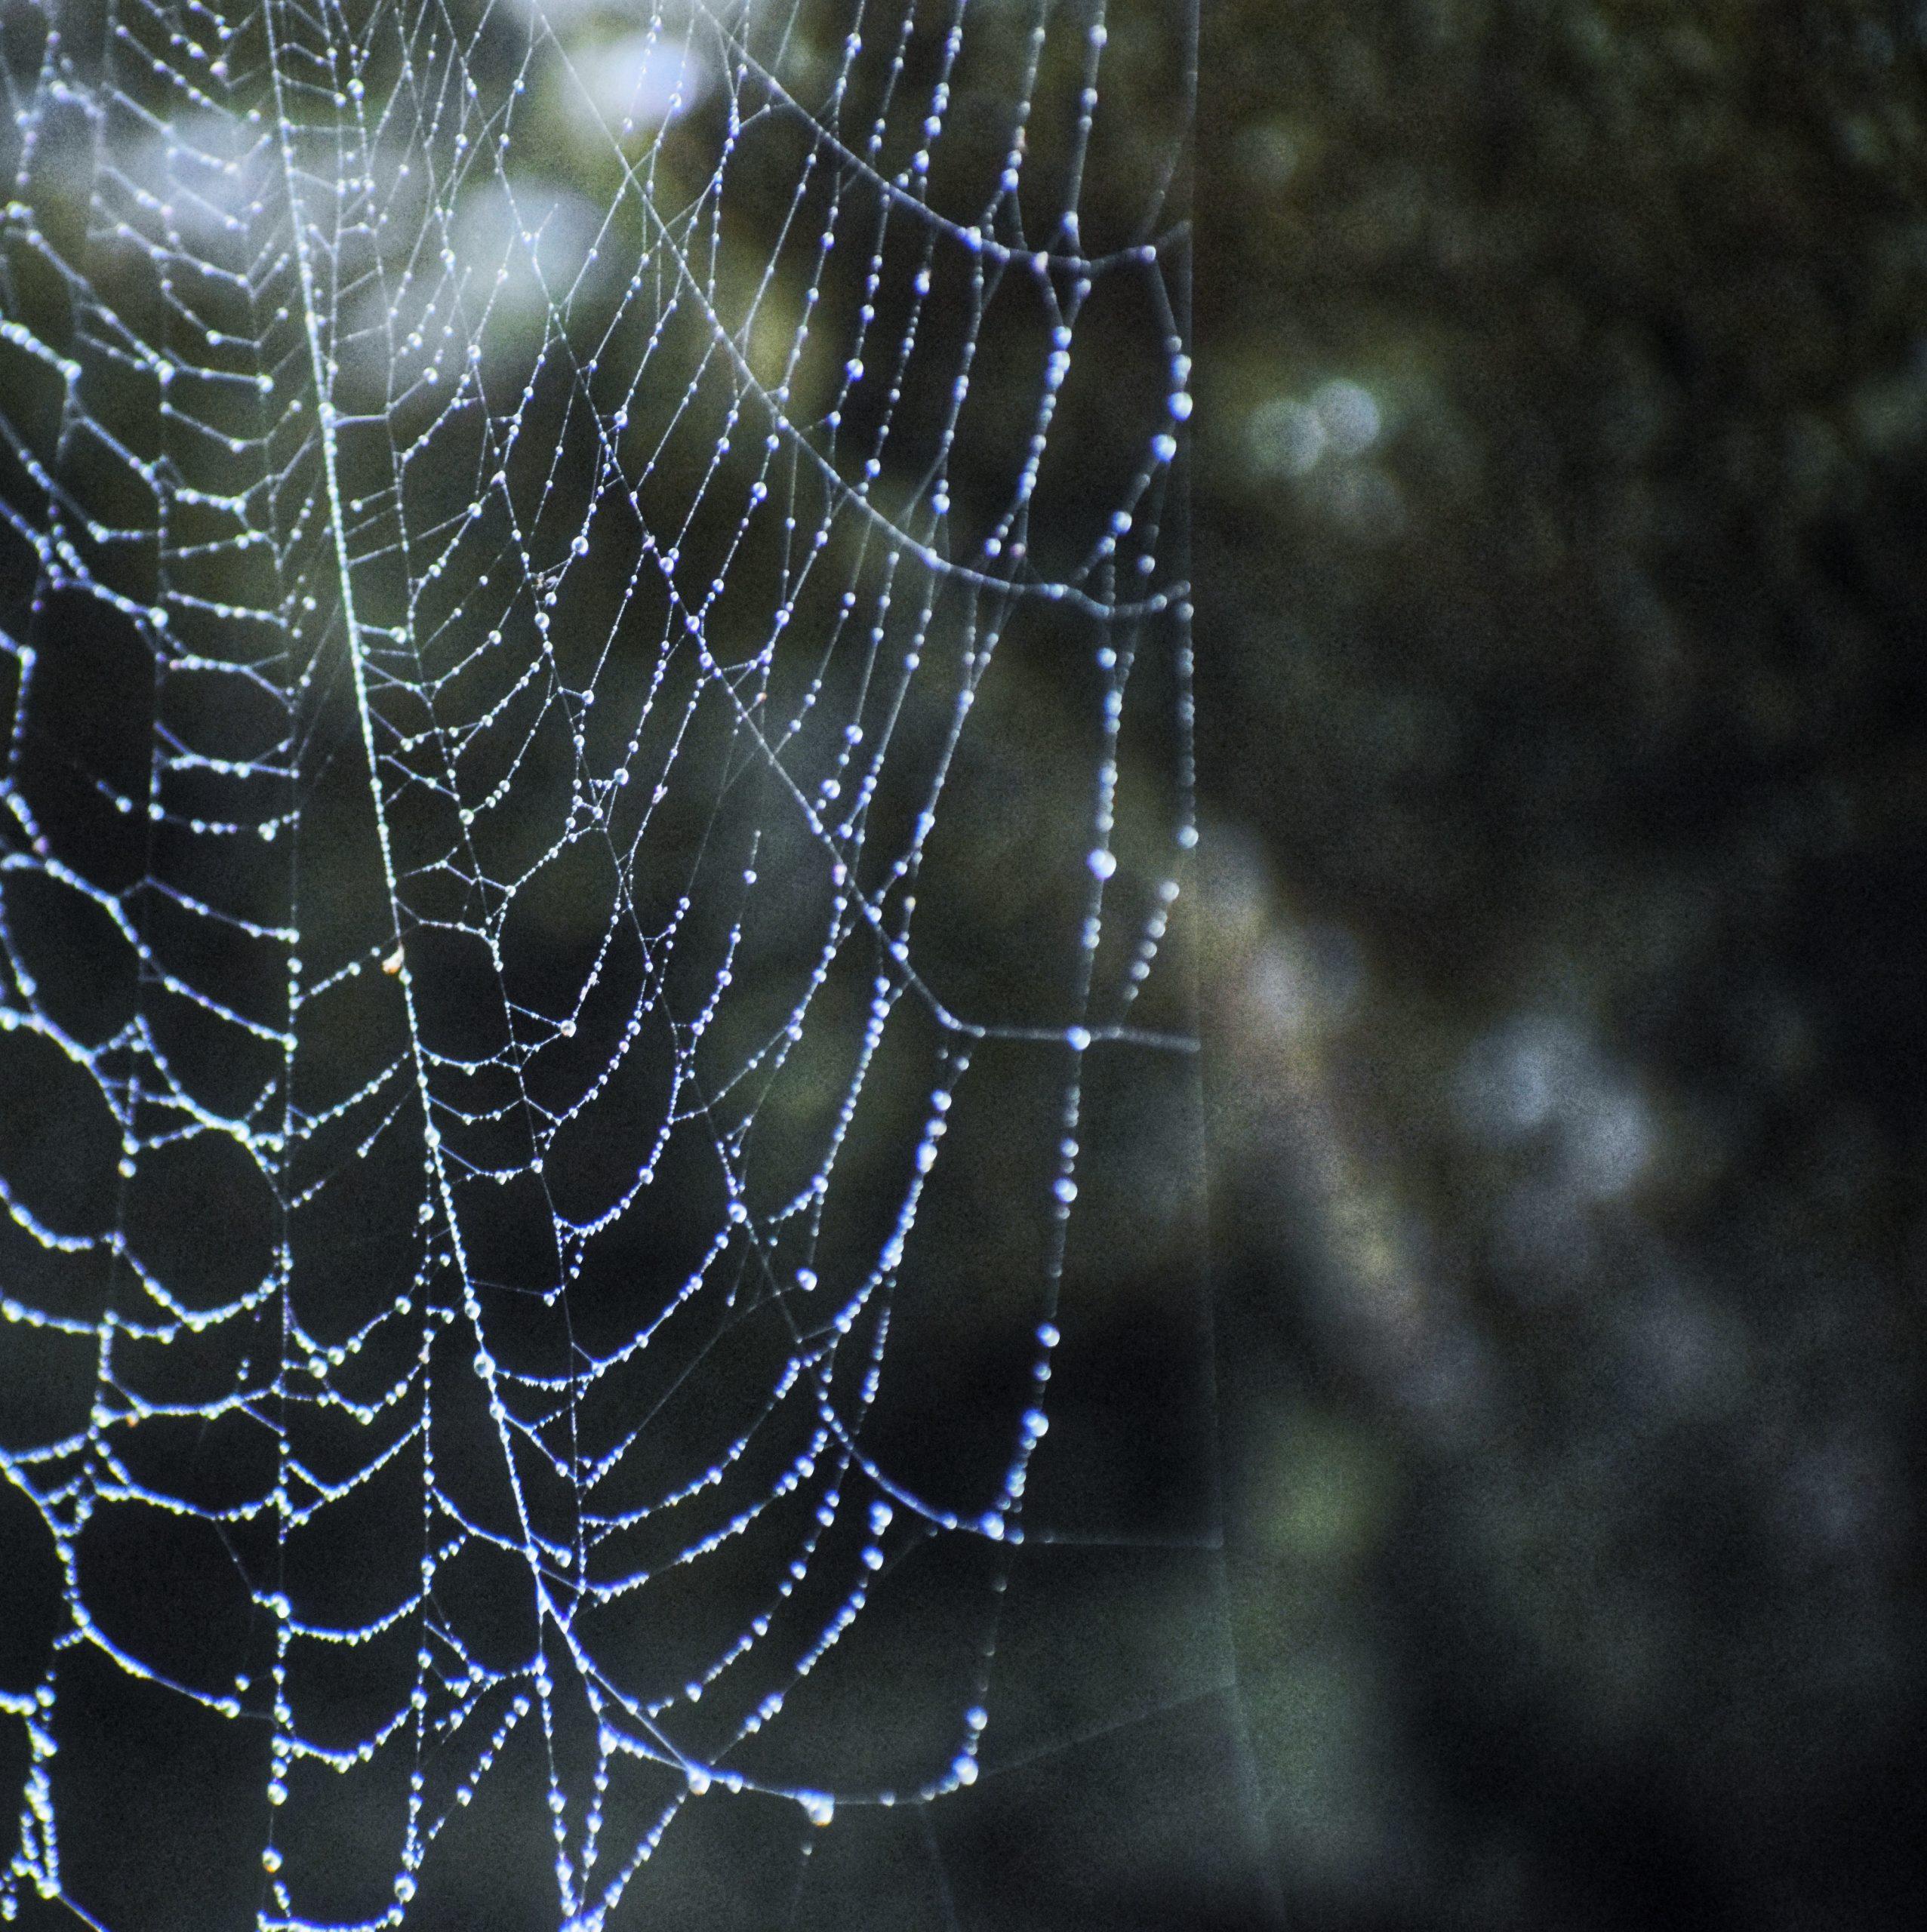 Wet cobweb